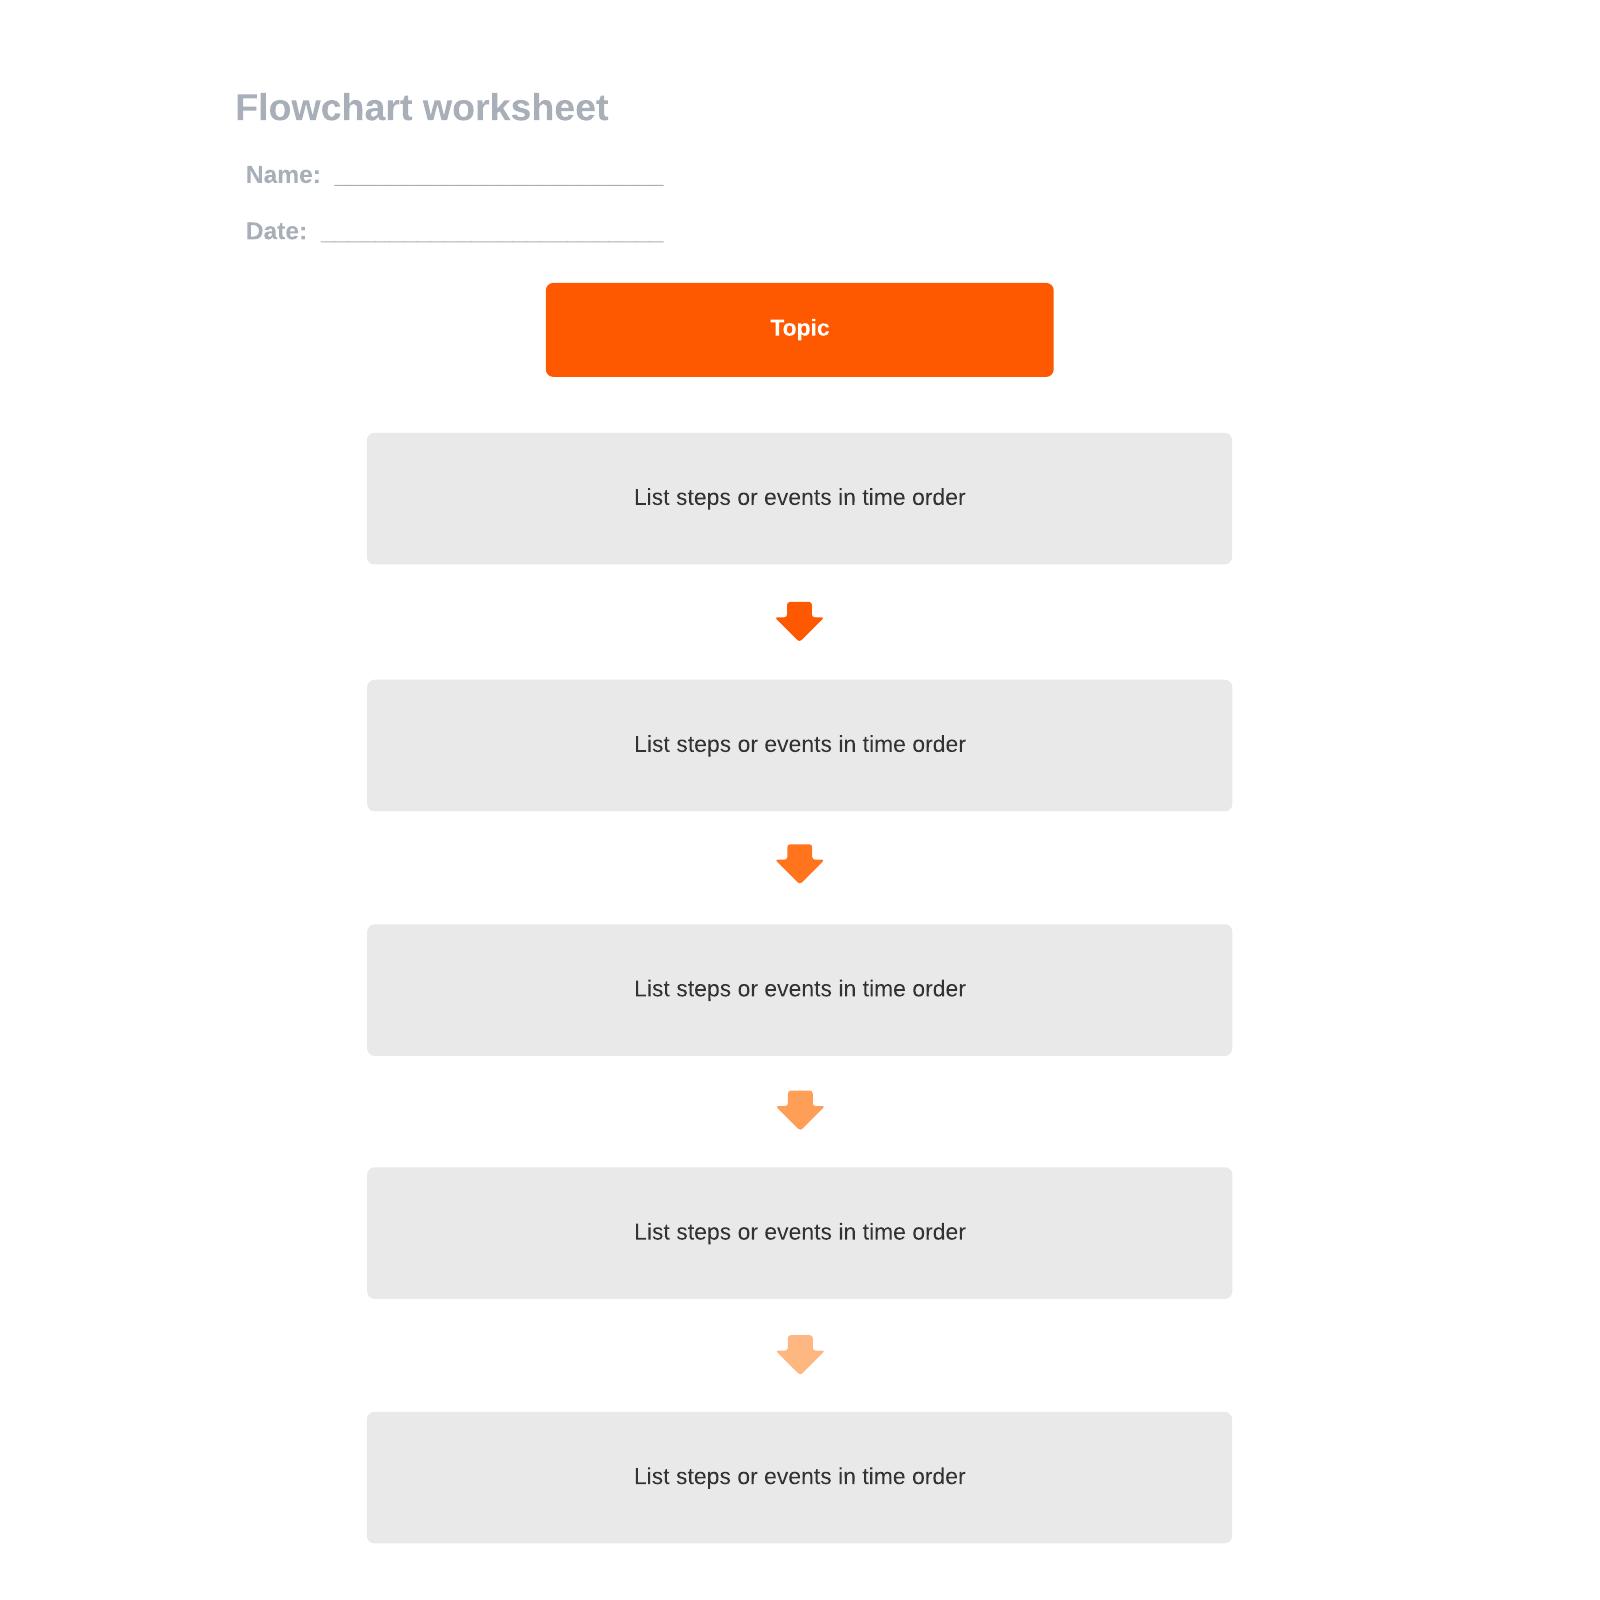 Flowchart worksheet